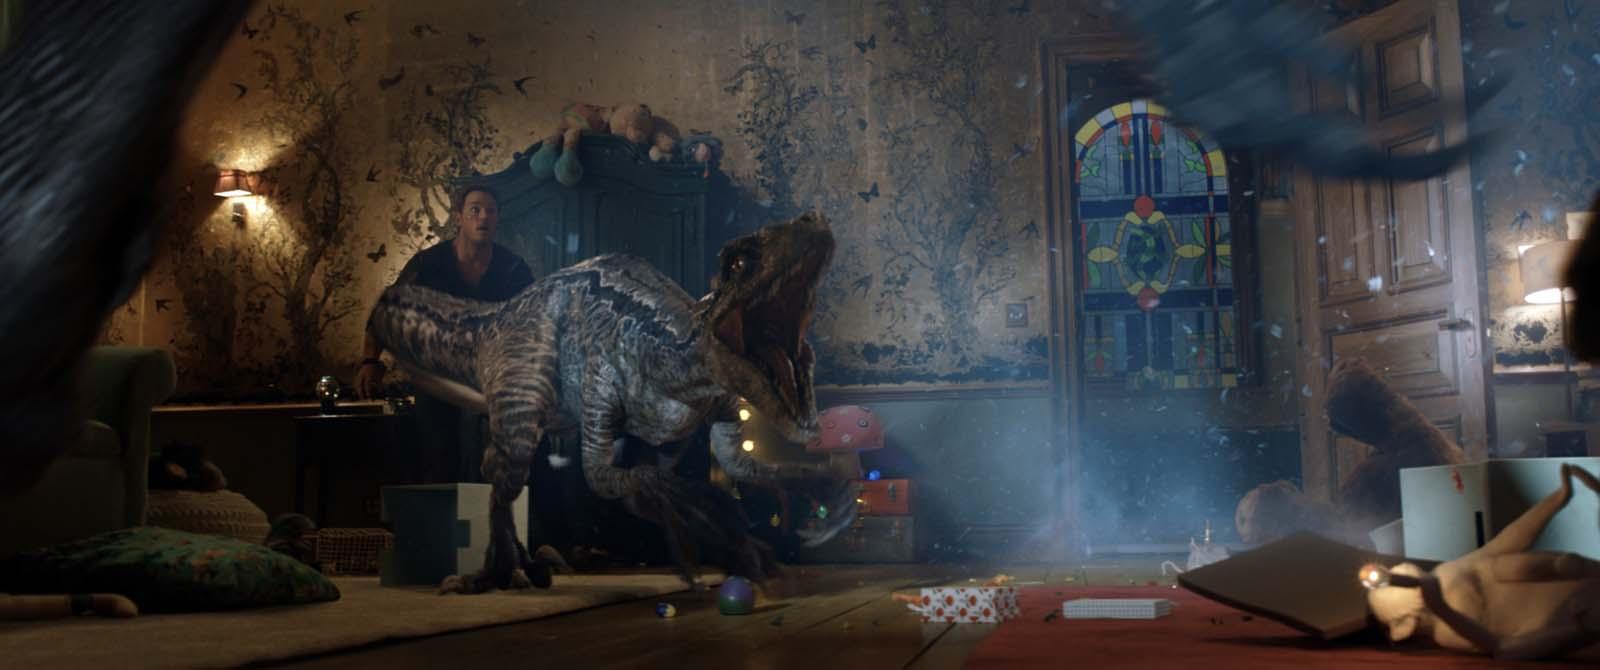 Jurassic World 2 - Fallen Kingdom (2018)